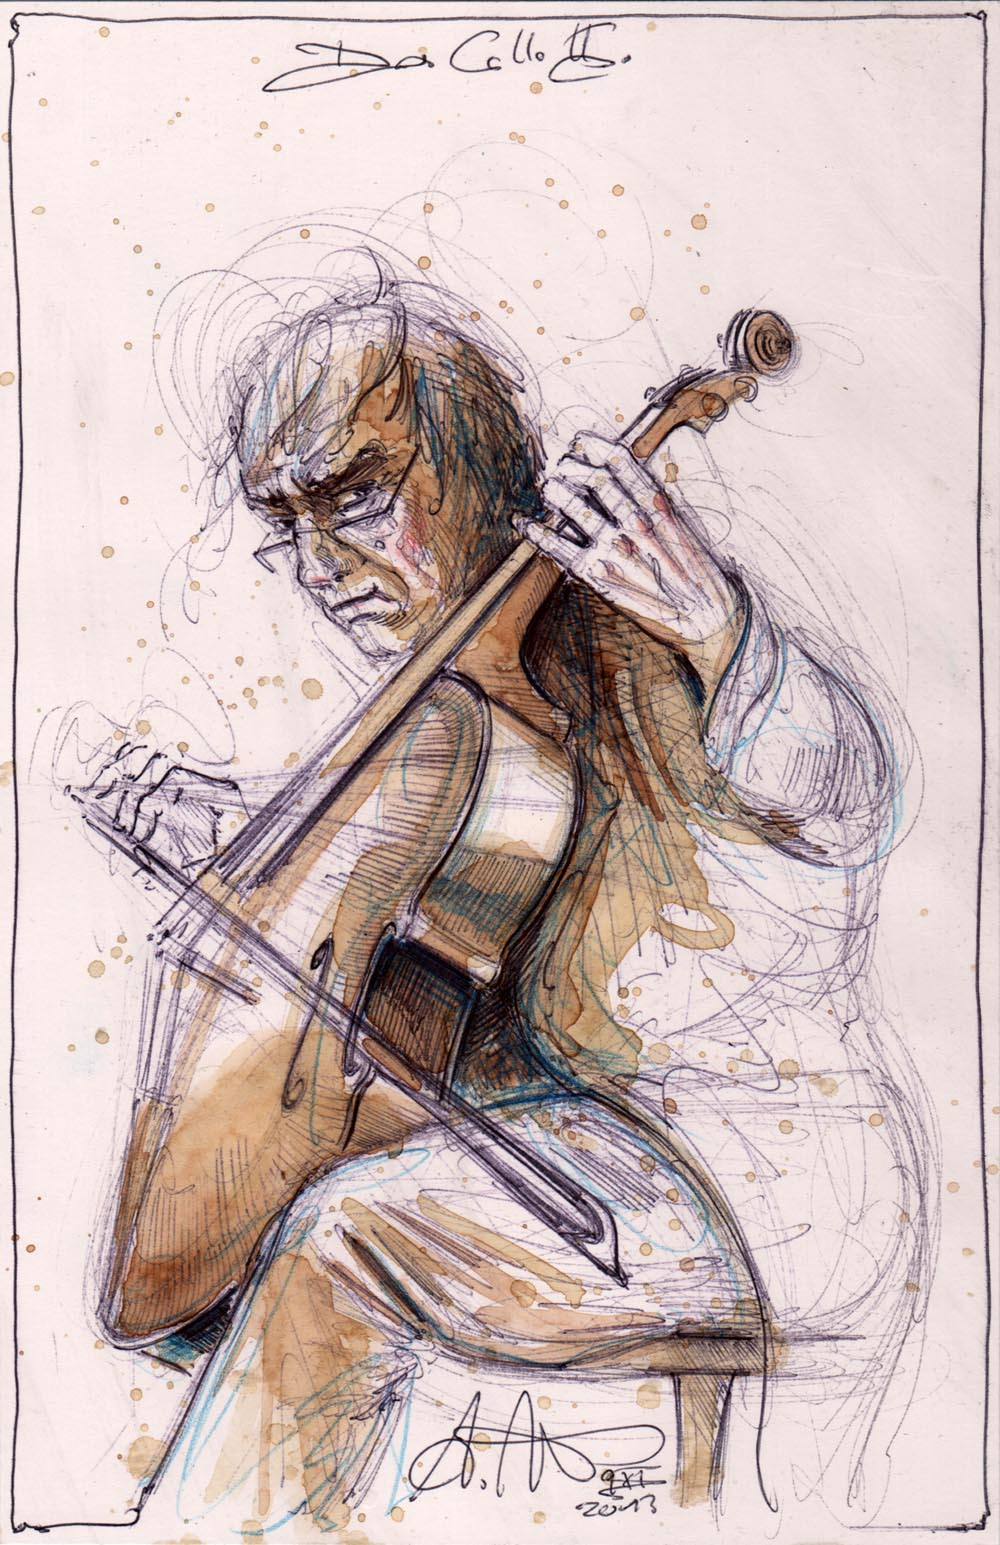 Das Cello II.